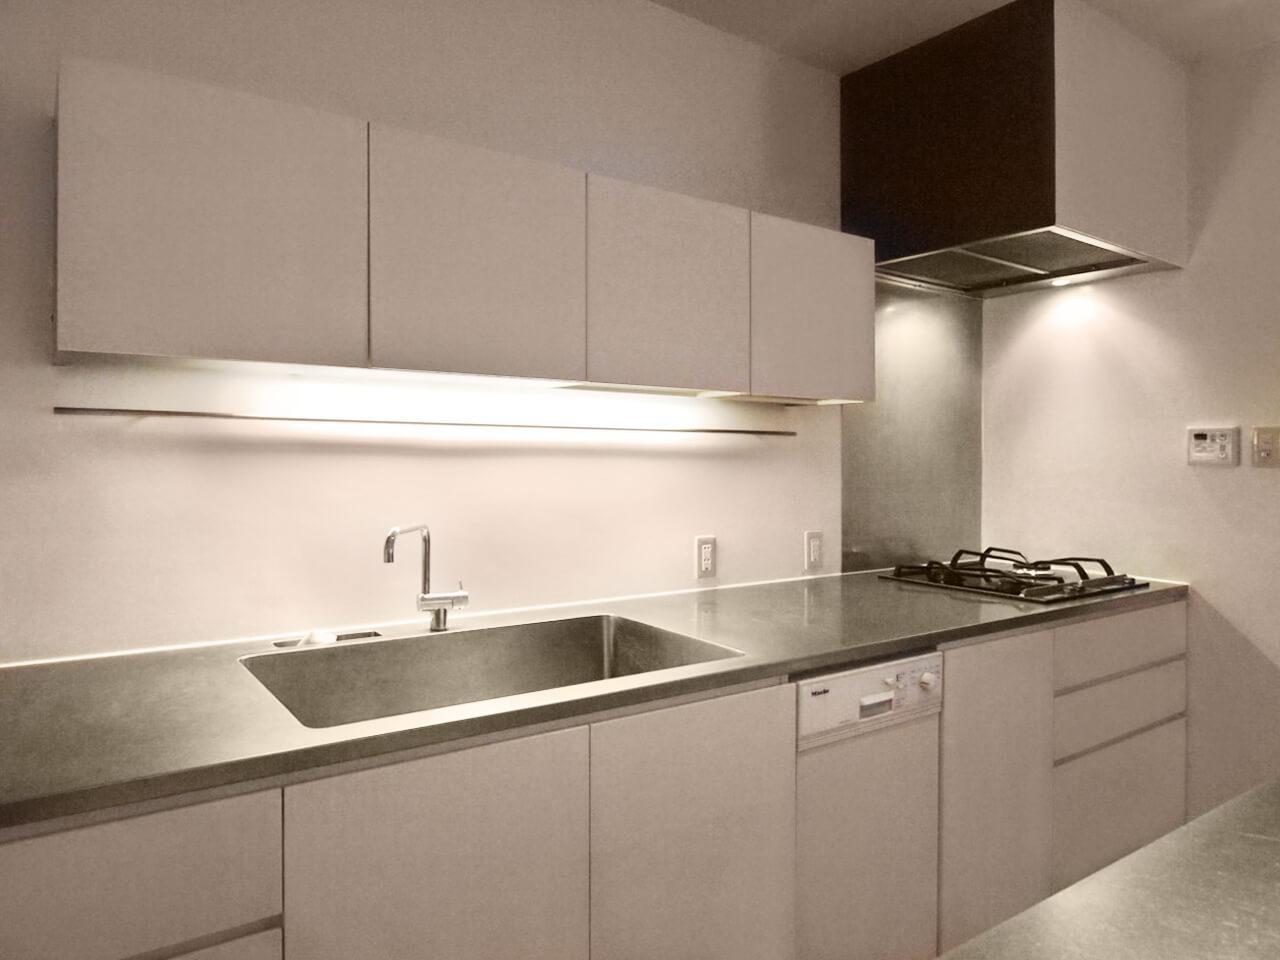 キッチン。食洗機付き。若干の使用感はあります